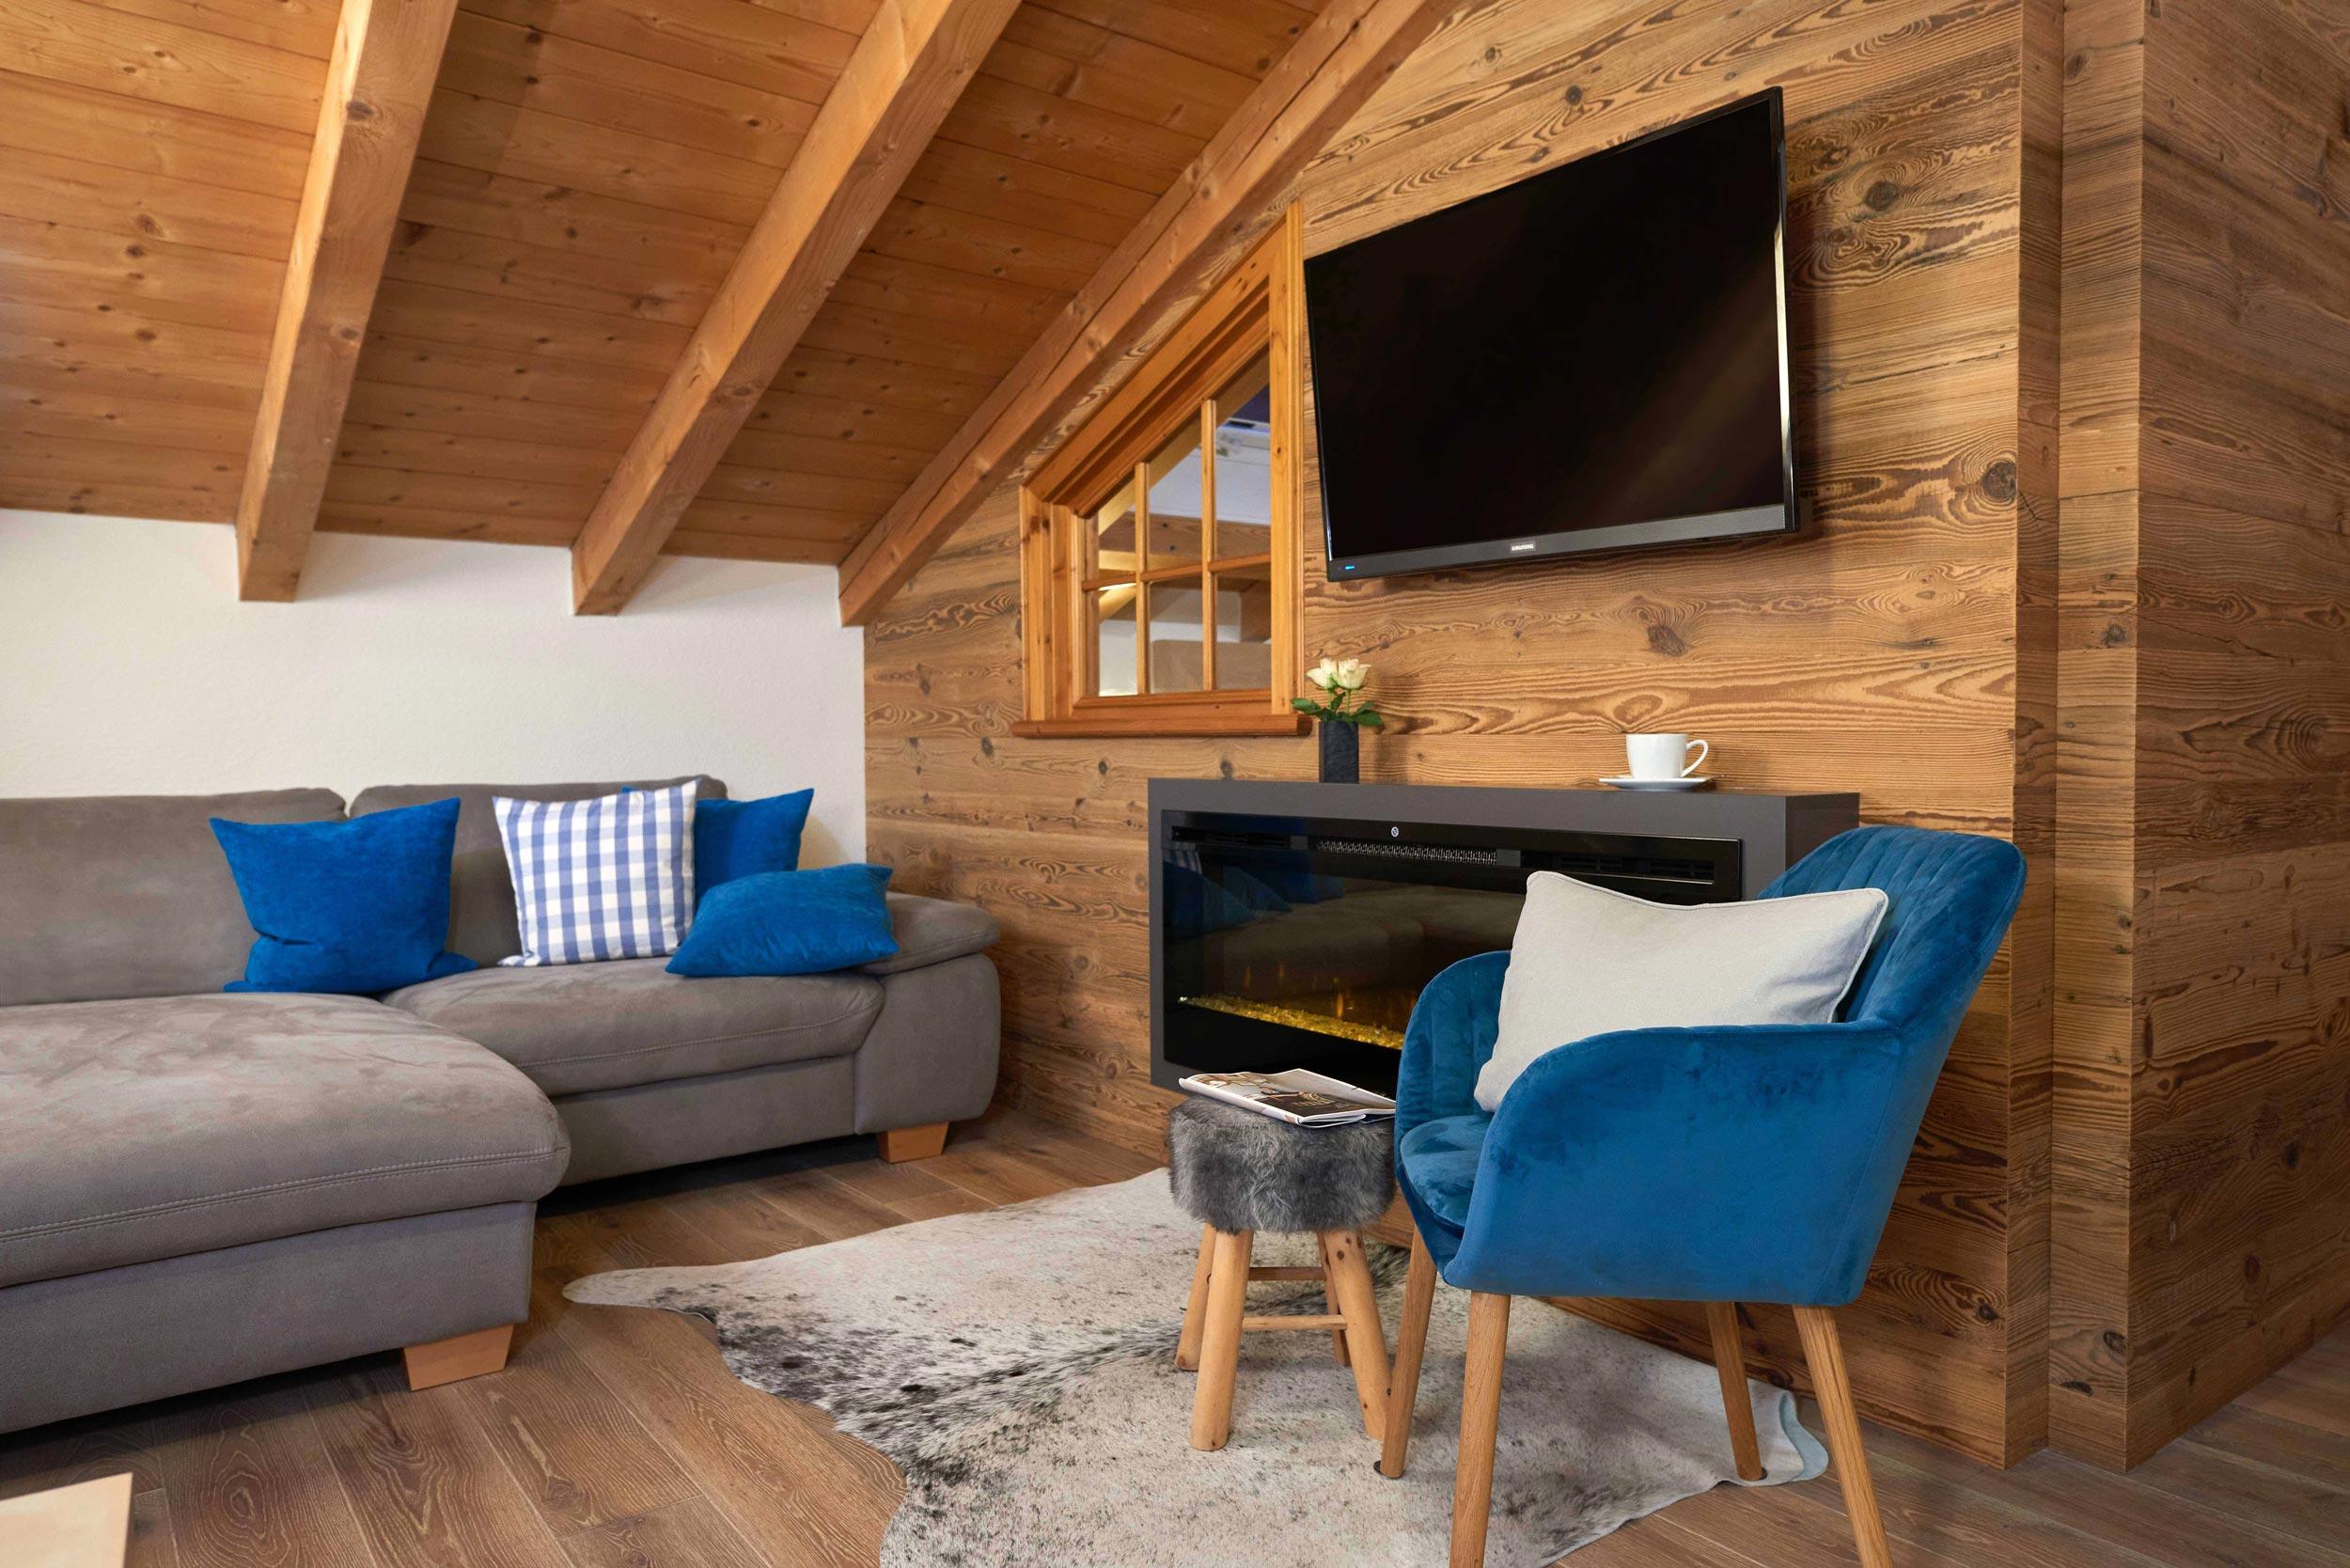 Wohnzimmer mit Kamin und Sofamöbeln